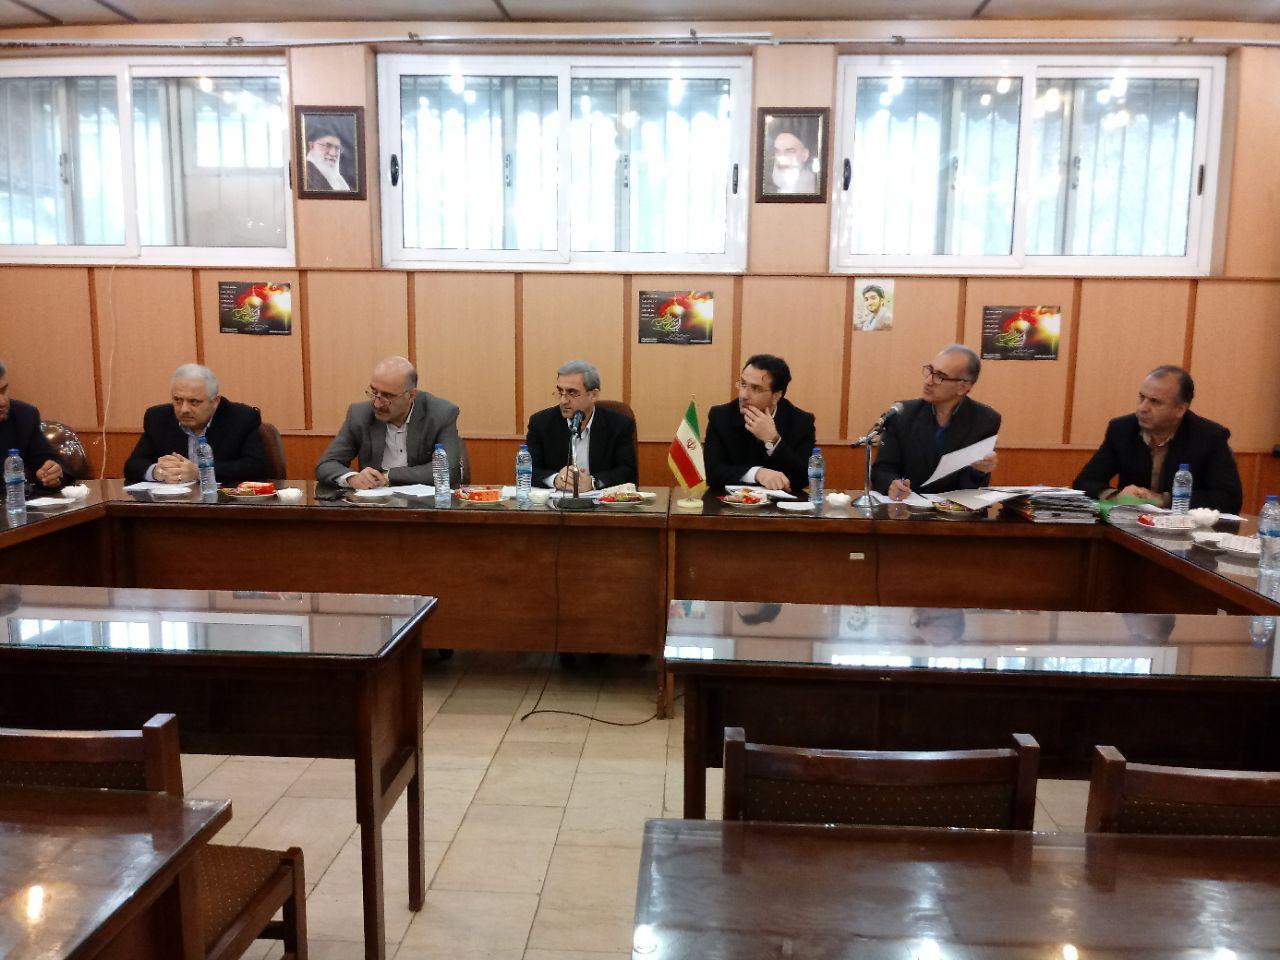 رییس کمیسیون نظارت استان گیلان:  بازار و صنوف، ویترین شهر برای جذب گردشگری محسوب می شود